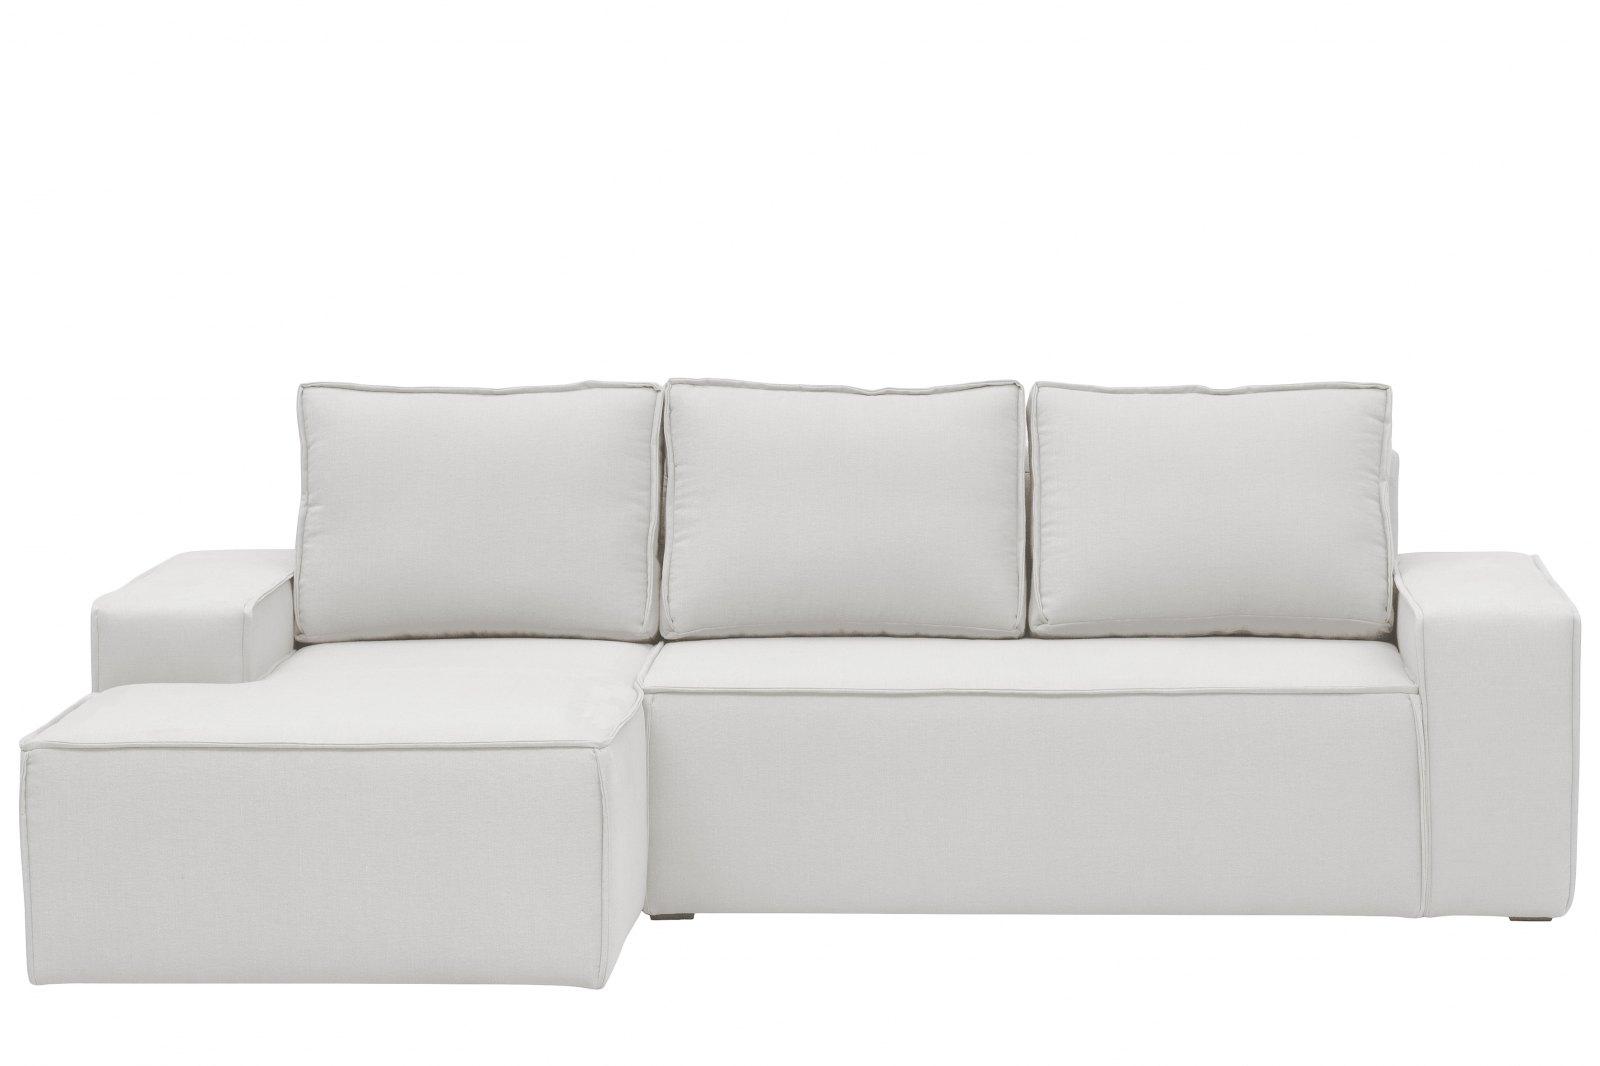 Hoxton Linen Corner Sofa-Bed - Left Hand / 1